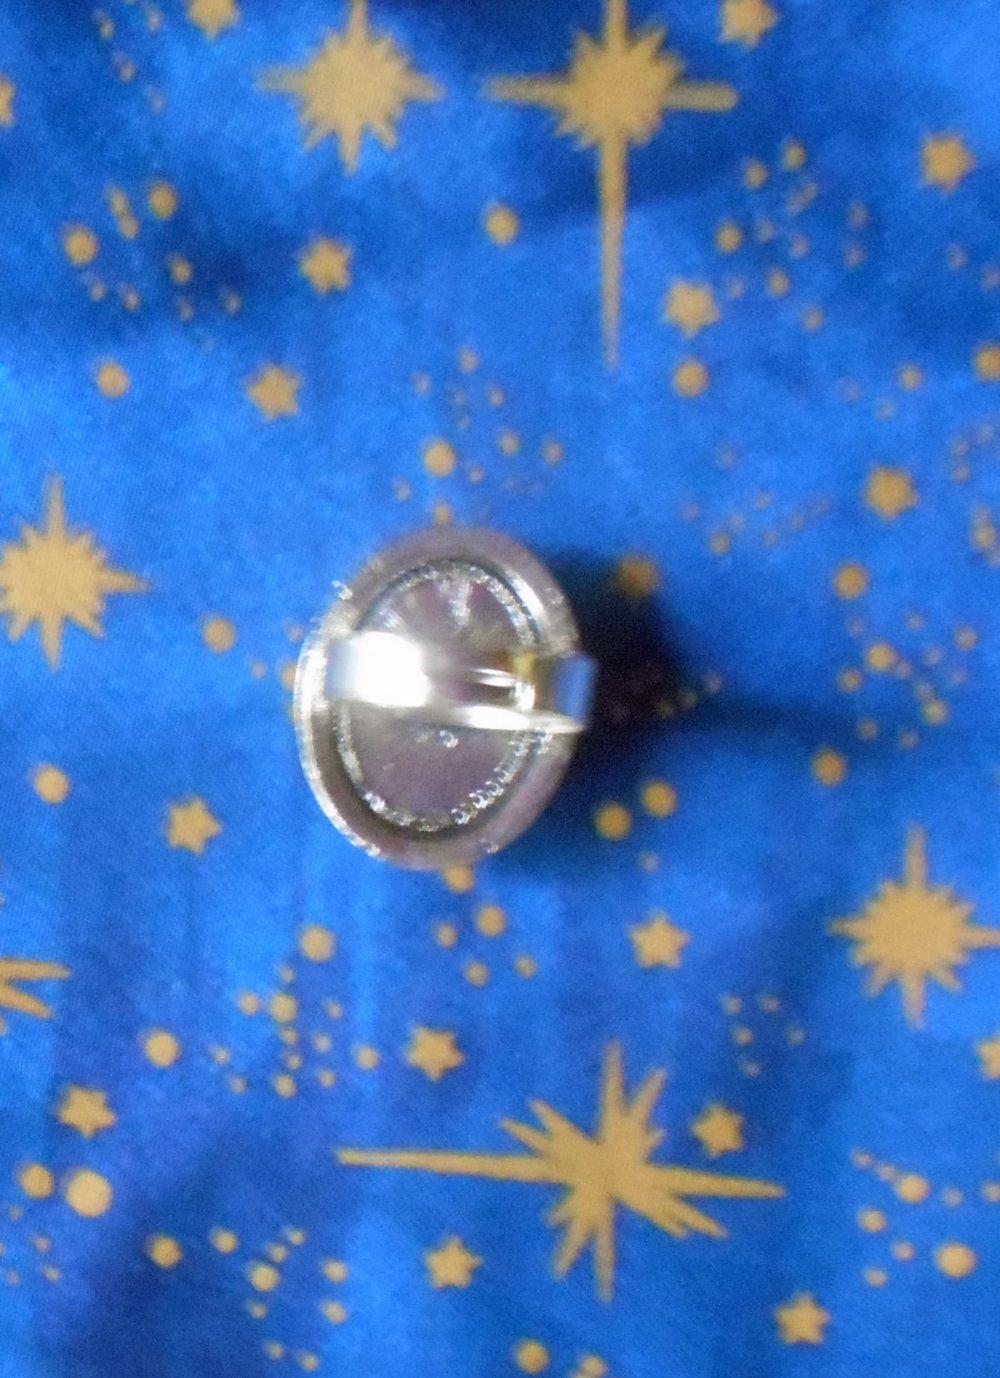 Bague en alliage argent/étain, style rétro, avec une rhodonite de 13x18mm